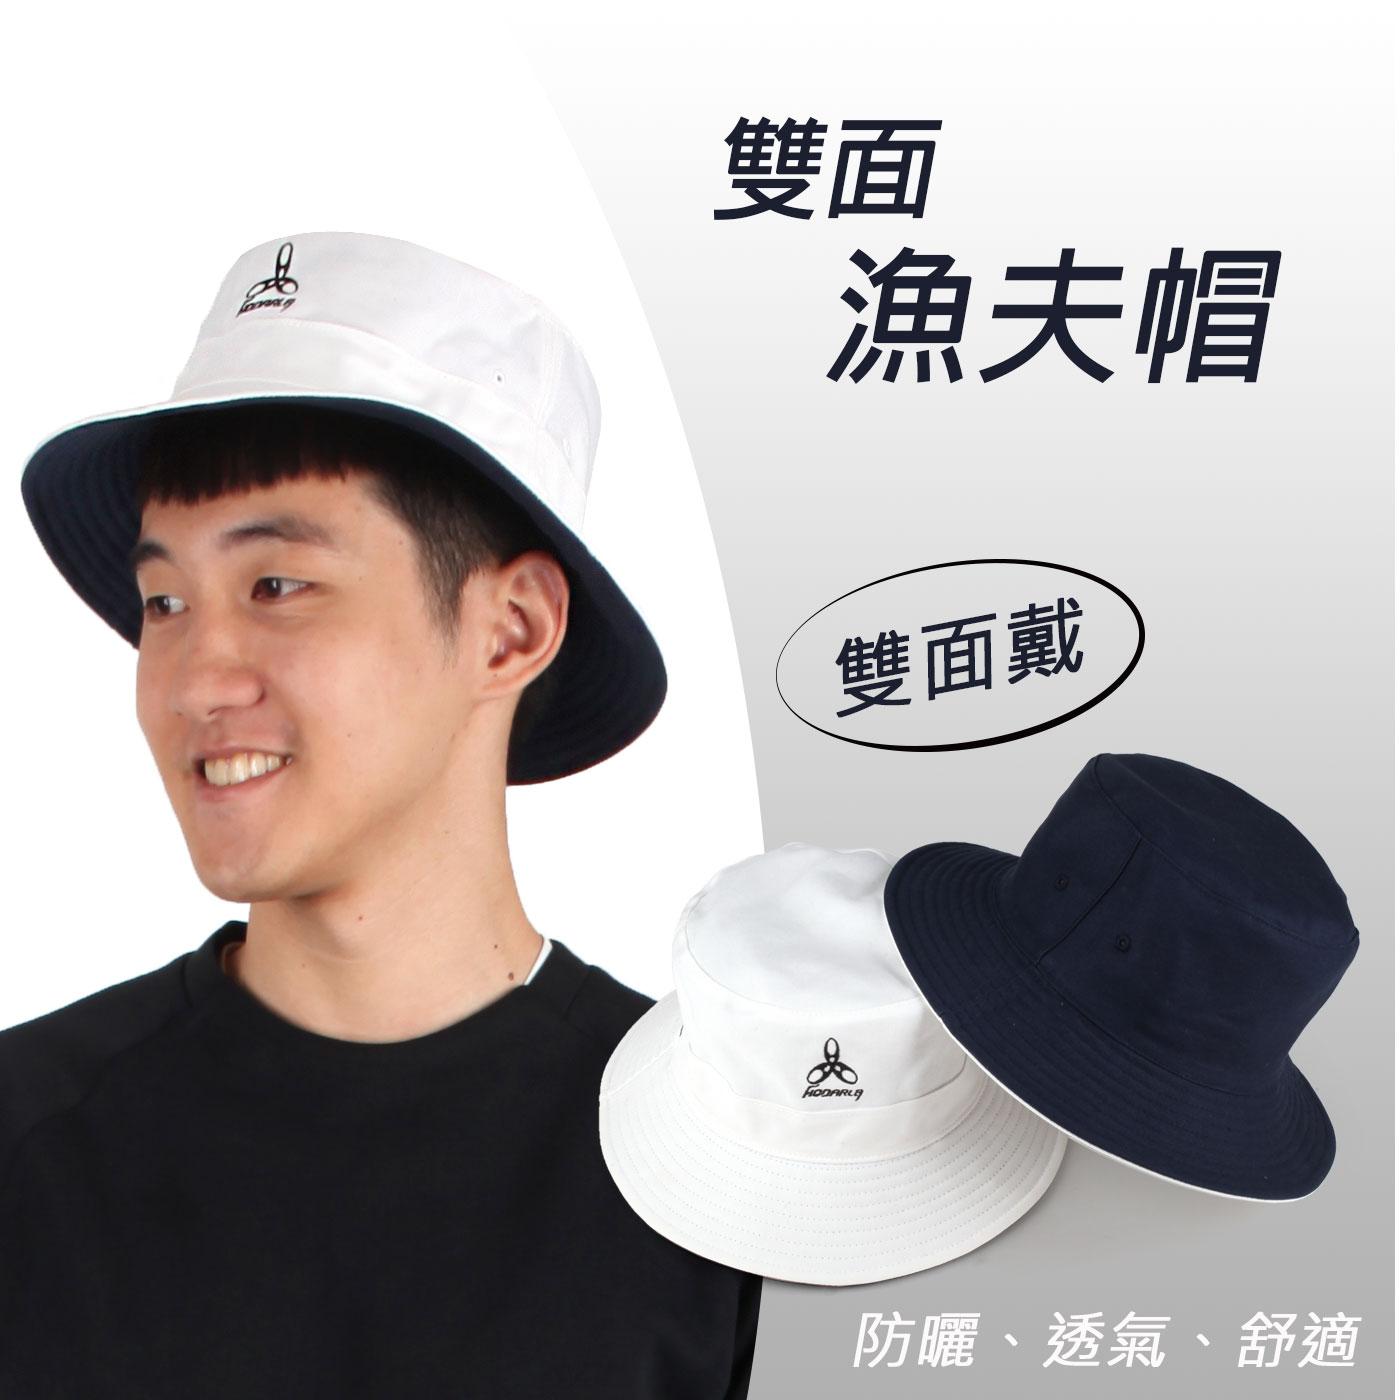 HODARLA 雙面漁夫帽 3304701